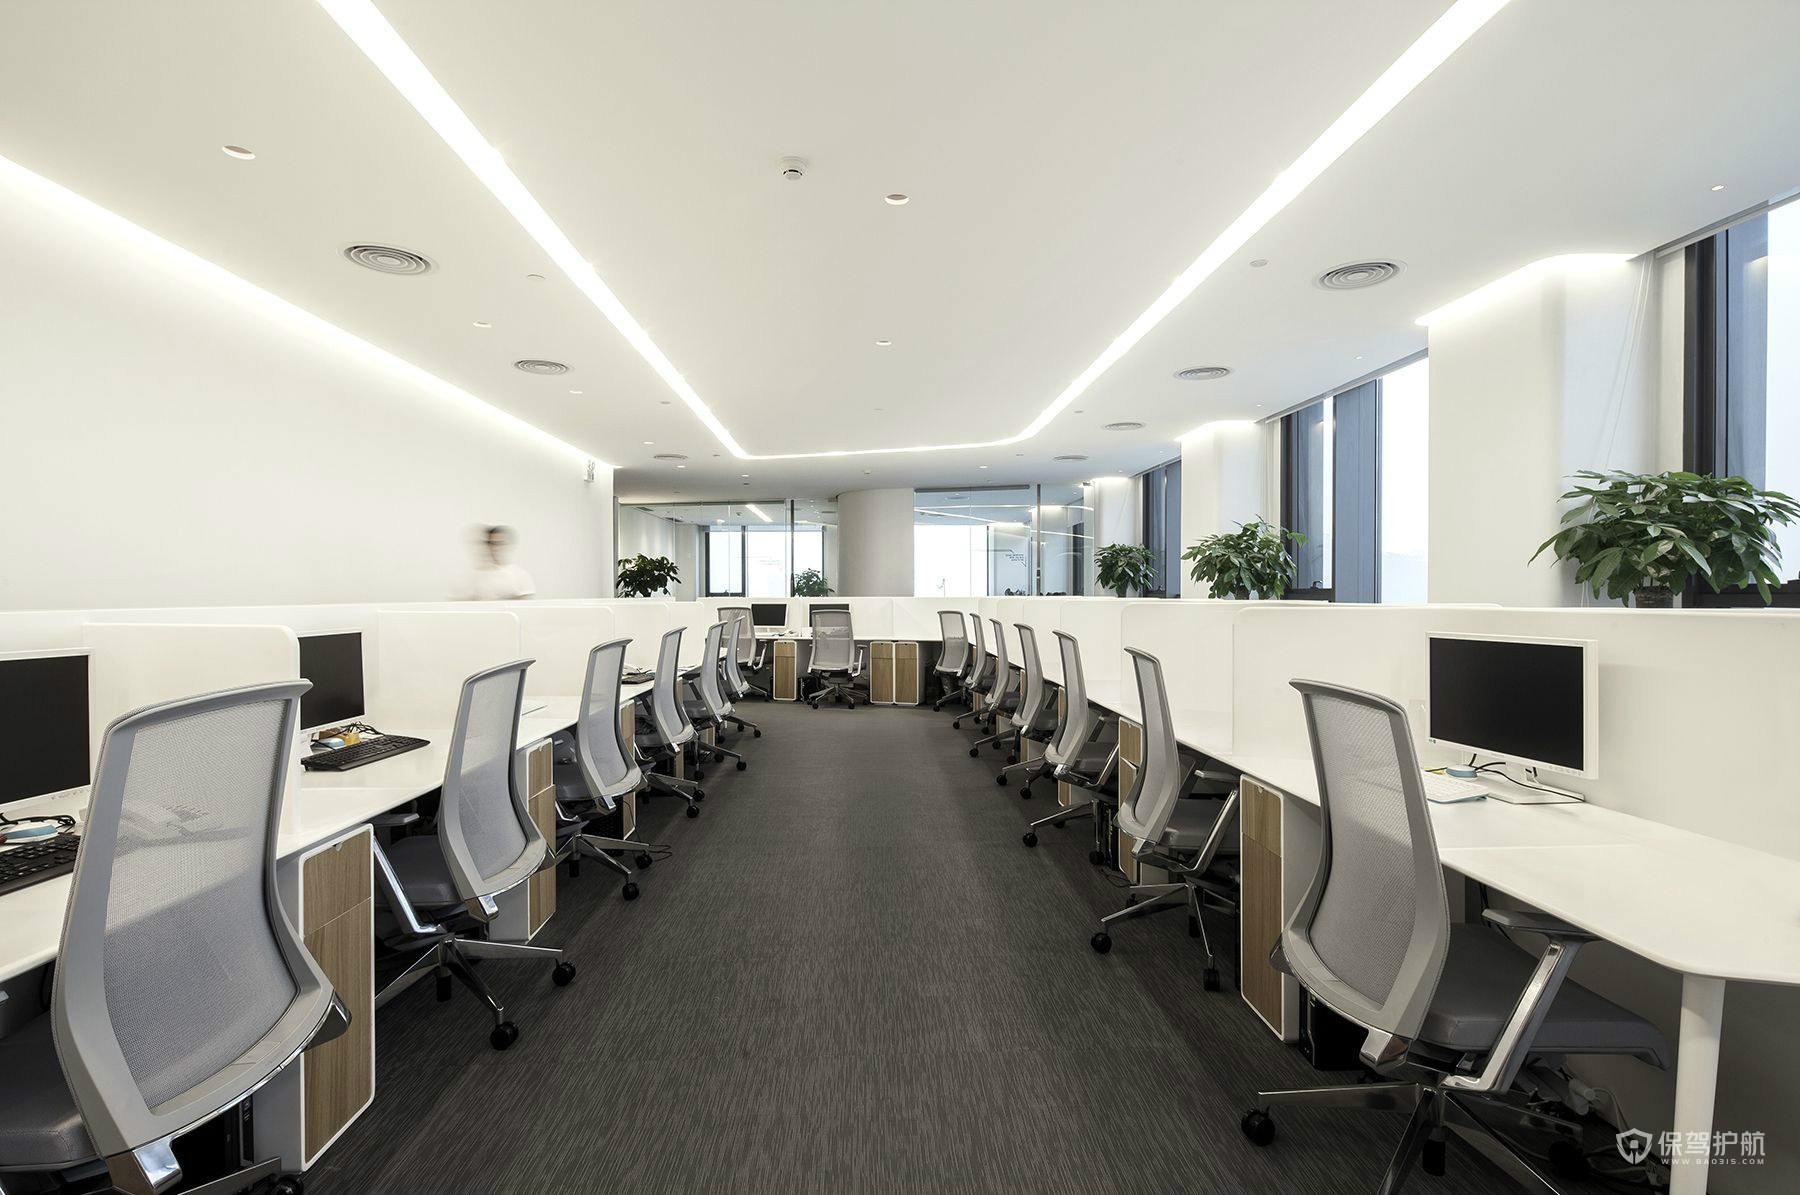 简洁办公室办公区域设计图